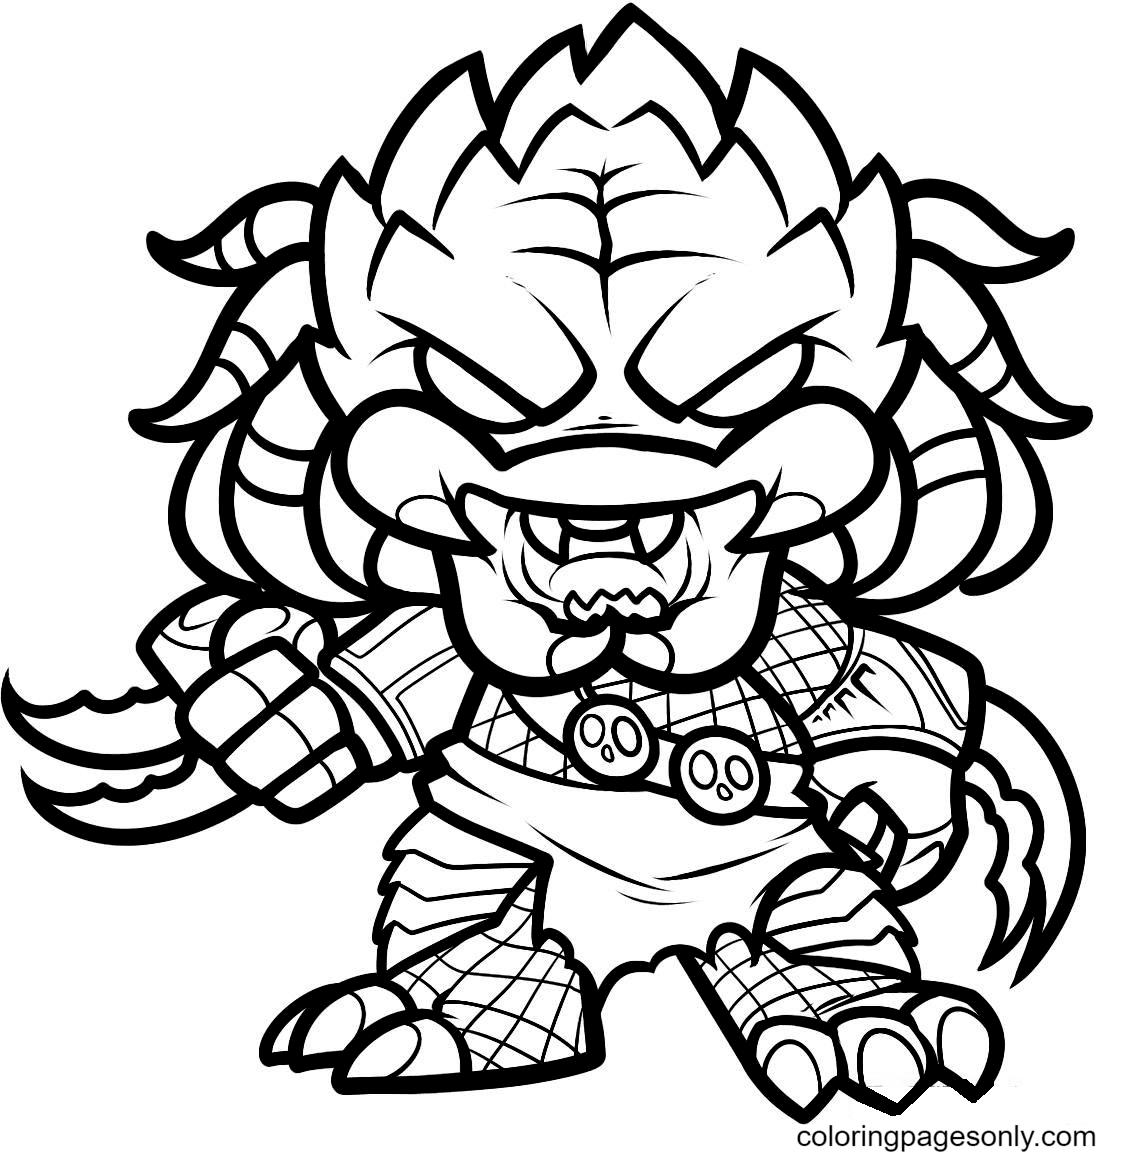 Chibi Predator Coloring Page